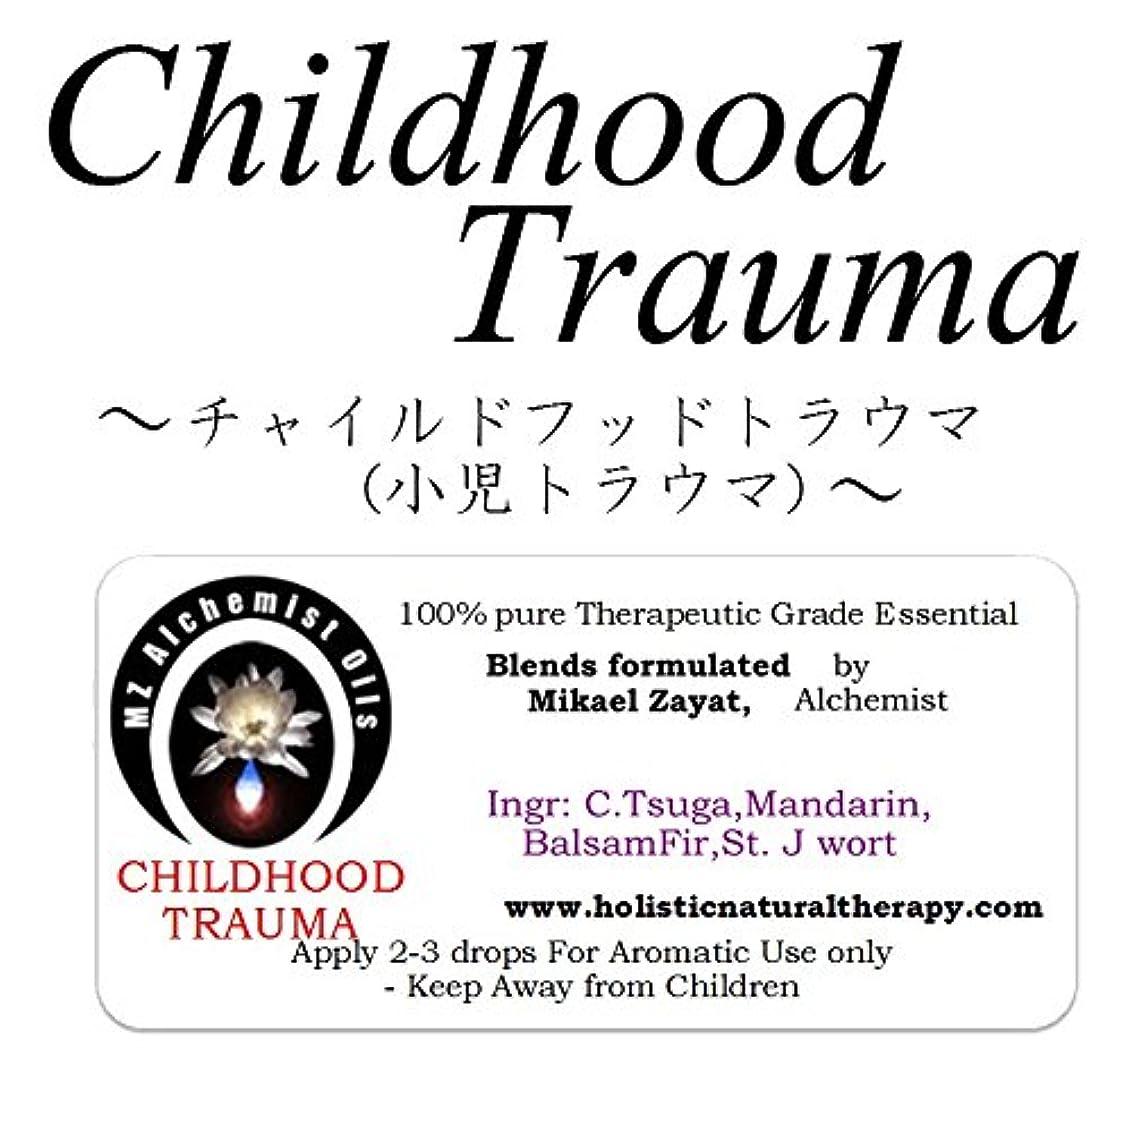 延ばす賞賛敬礼ミカエルザヤットアルケミストオイル セラピストグレードアロマオイル Childhood Trauma-チャイルドフット?トラウマ(小児トラウマ)- 4ml